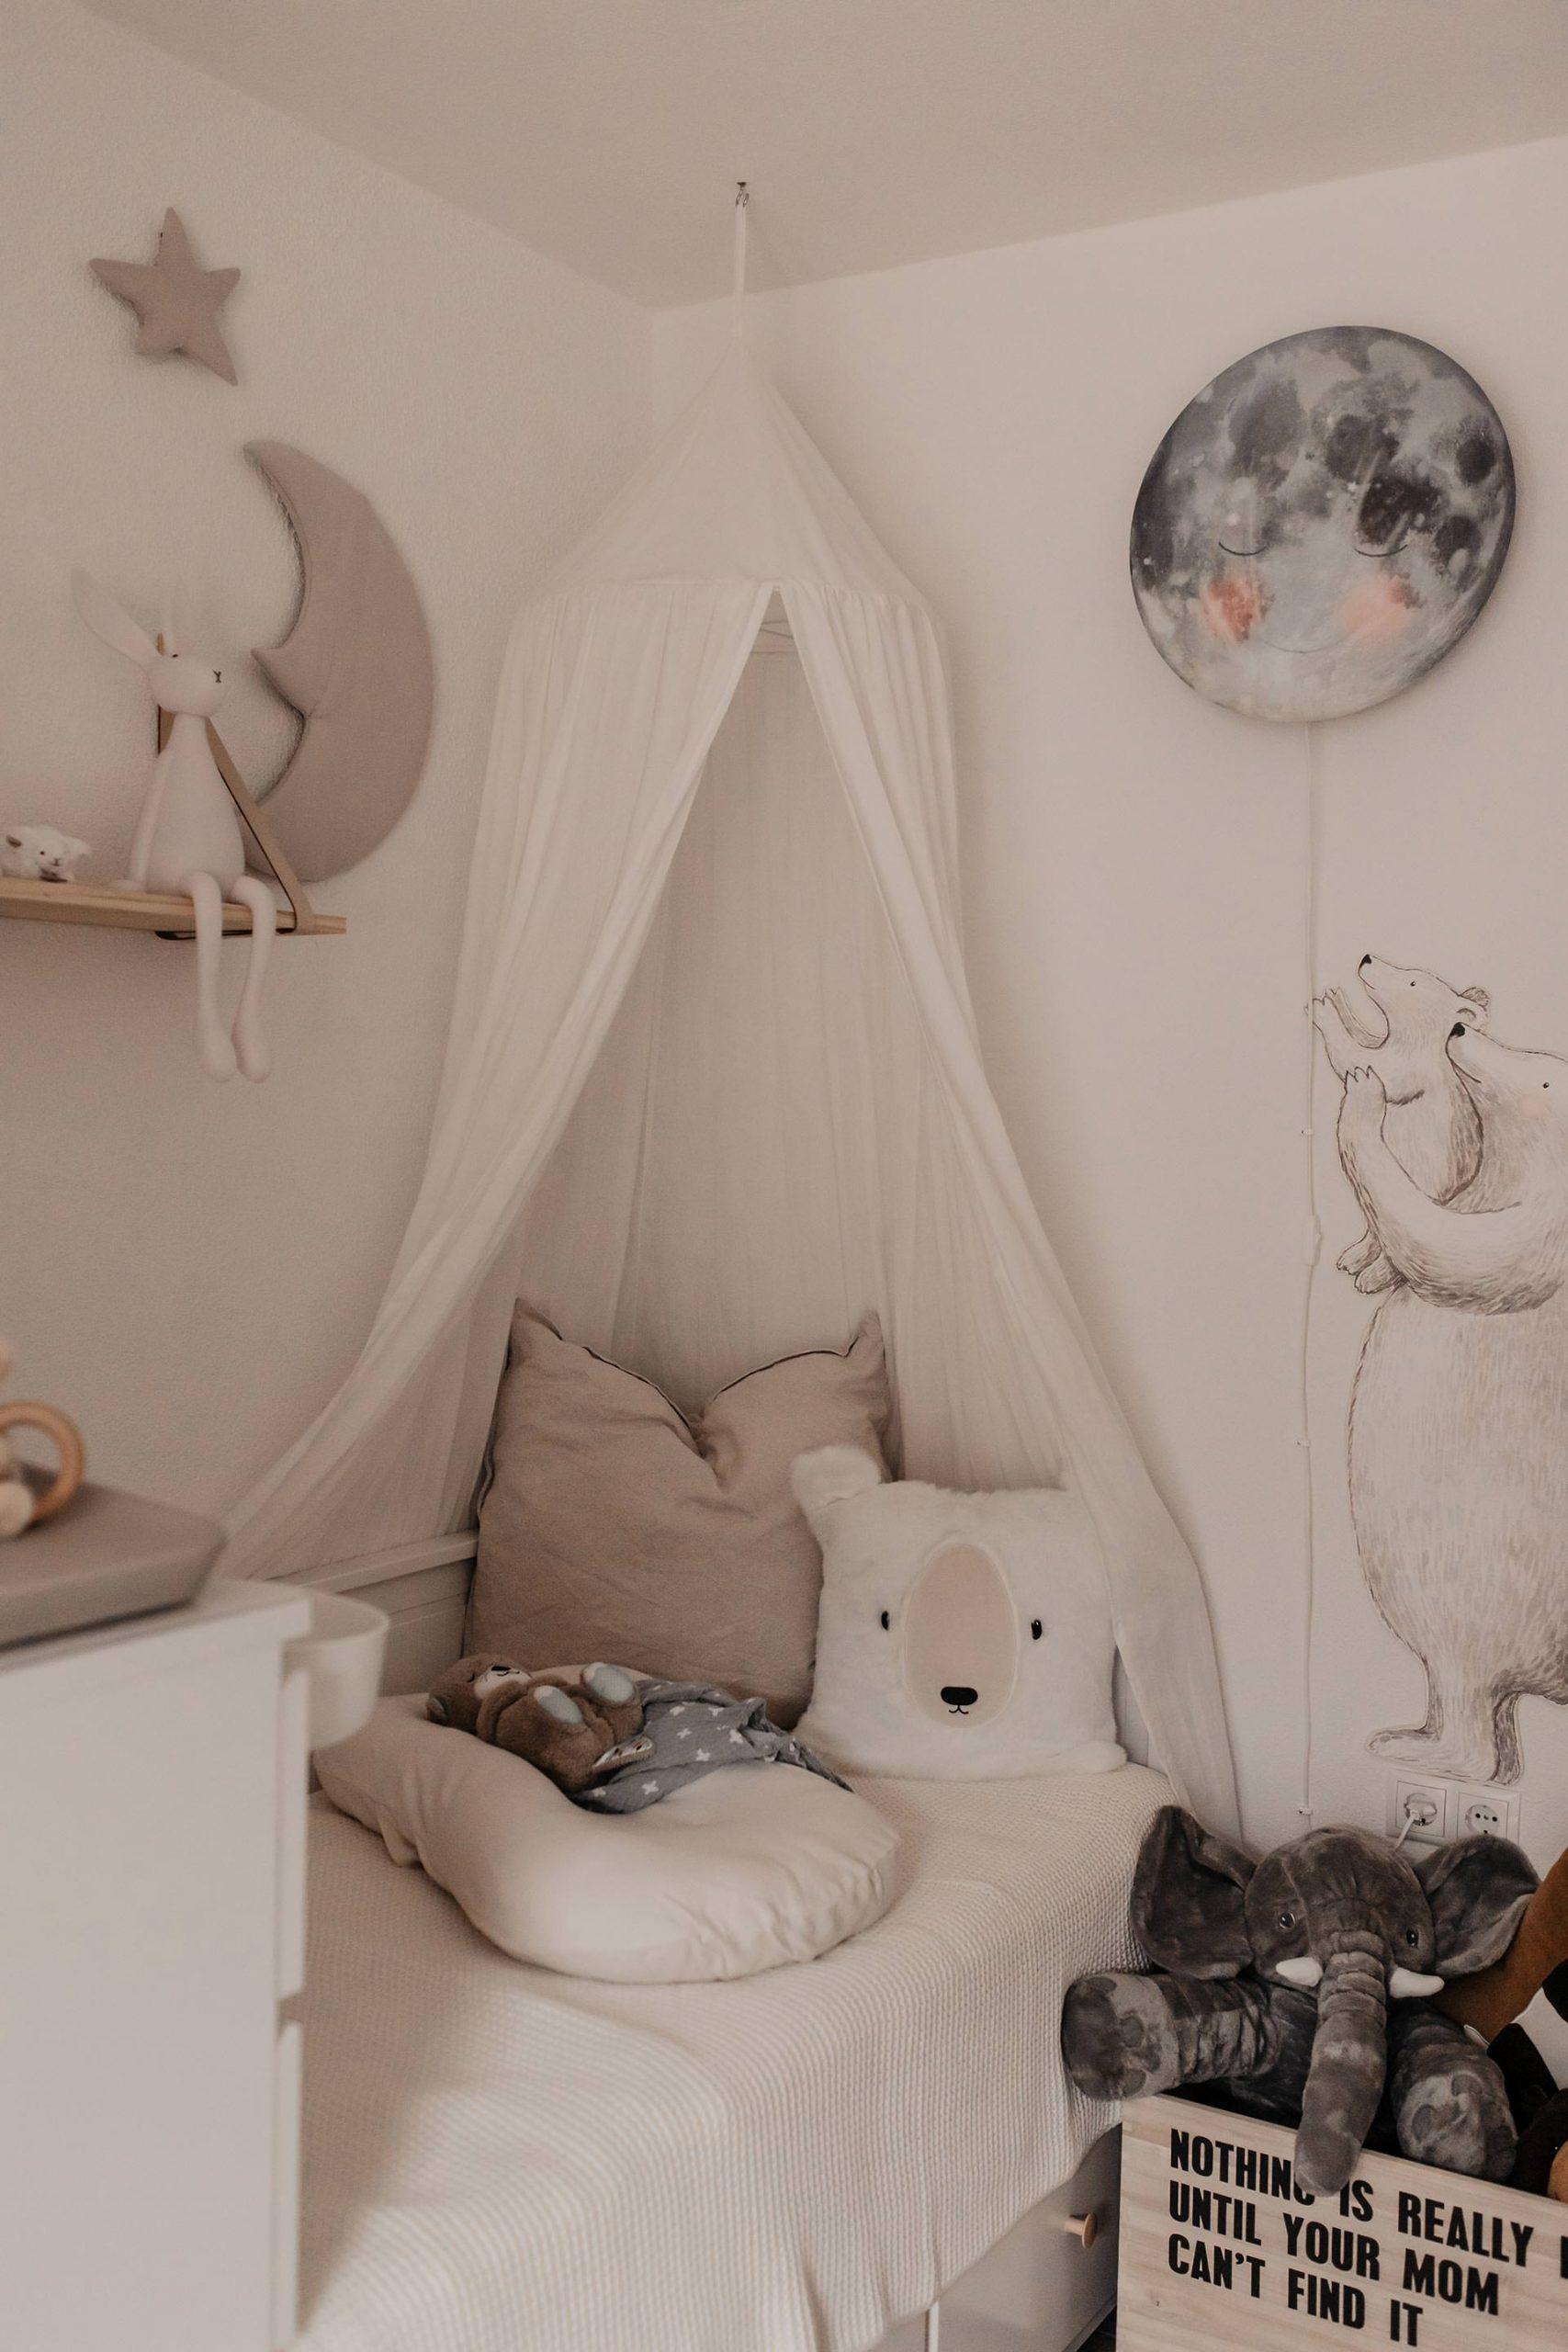 Das Babyzimmer ist fertig! Am Mamablog zeige ich dir, wie wir das Kinderzimmer eingerichtet und gestaltet haben. www.whoismocca.com